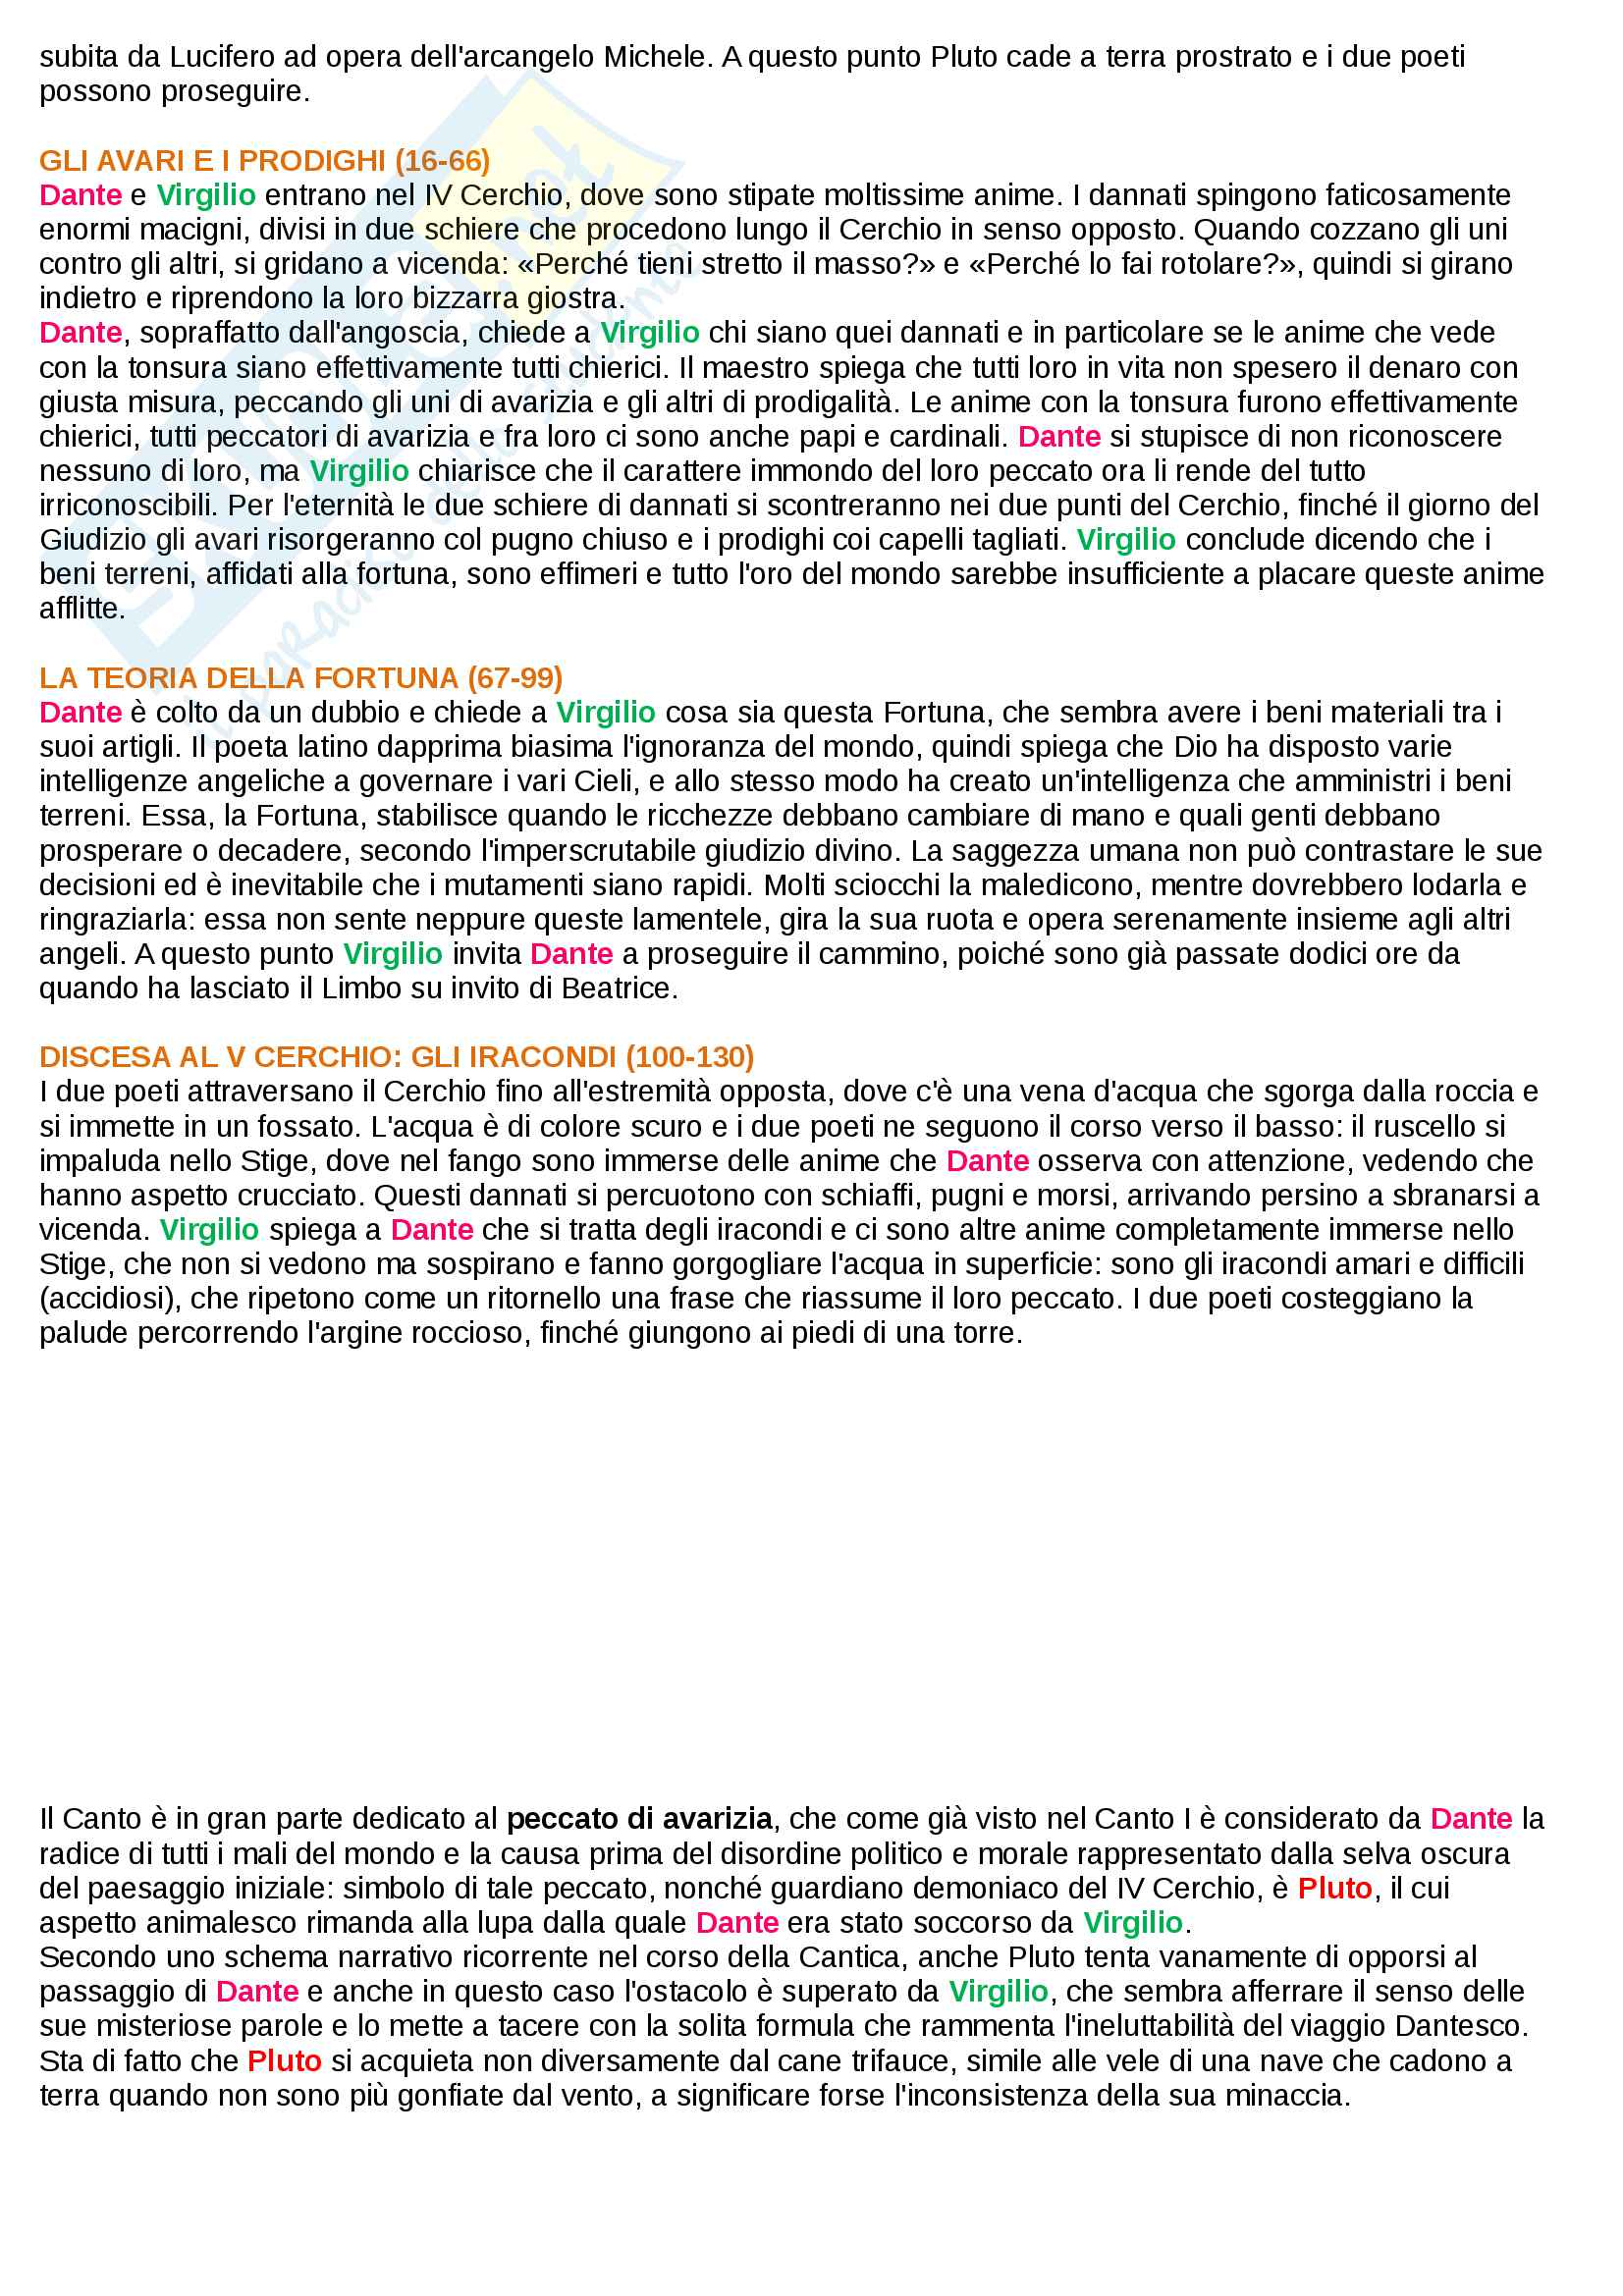 Riassunto esame Letteratura Italiana I, Prof. Mattioli. Sintesi ed analisi di tutti i 34 canti dell'inferno della Divina Commedia di Dante Alighieri e rielaborazione personale basata sui libri di riferimento suggeriti dal docente Pag. 26